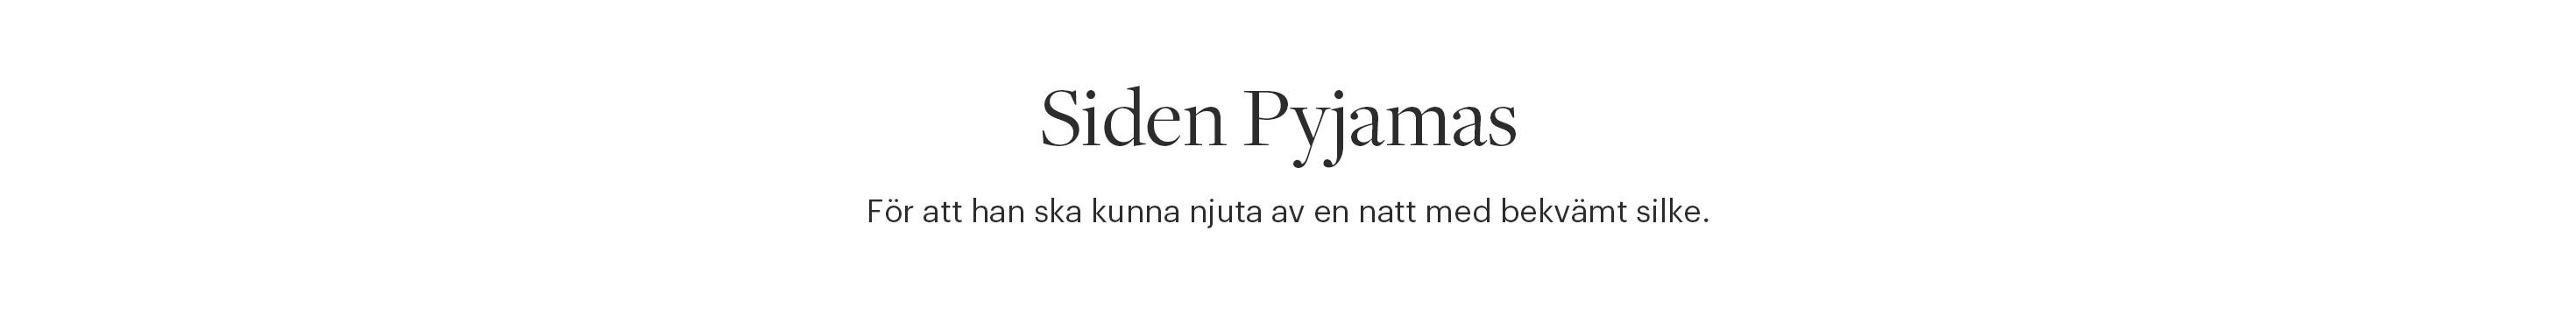 Siden Pyjamas Herr